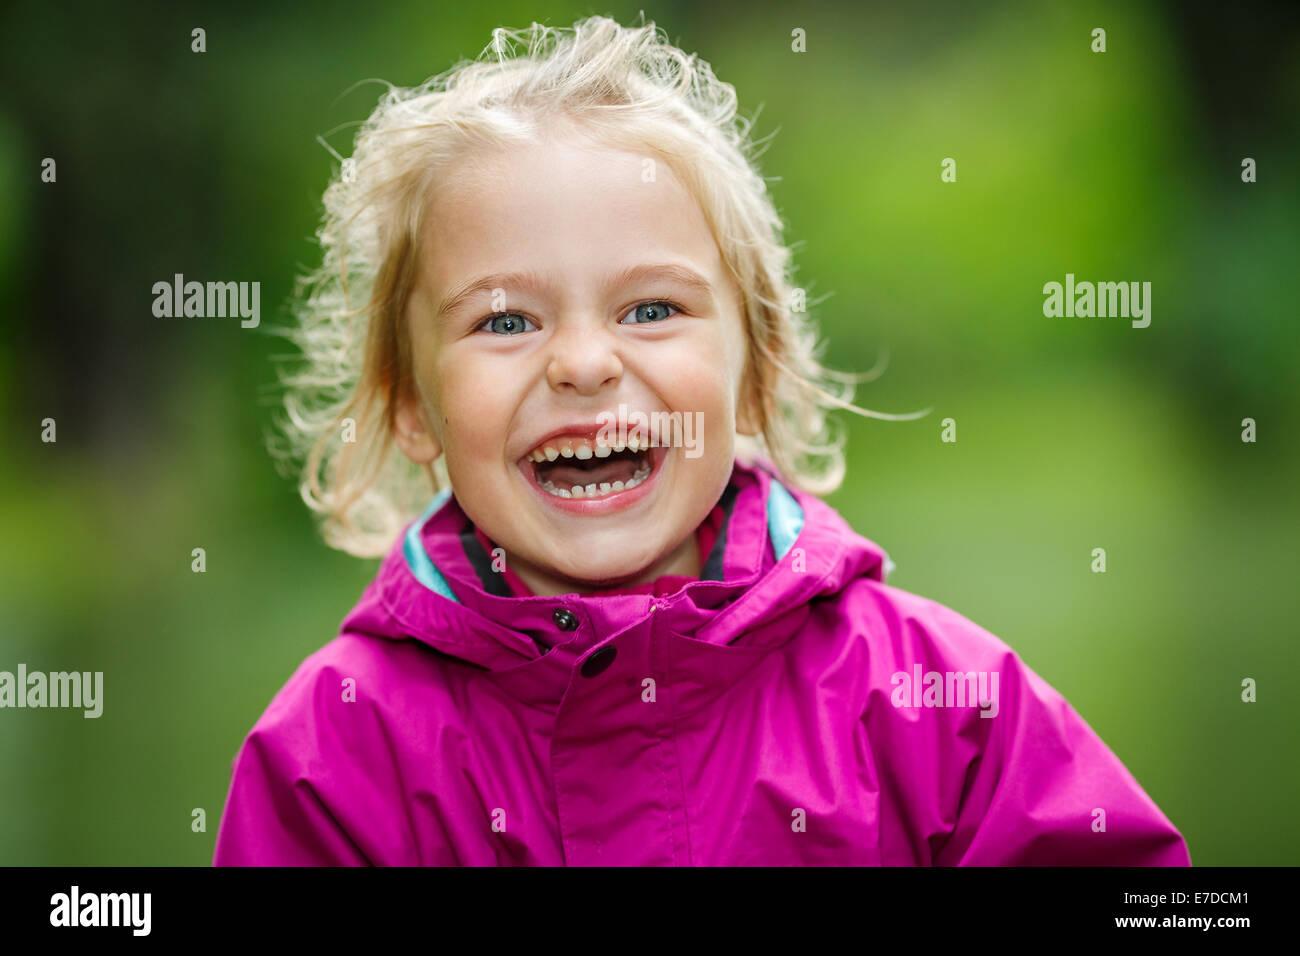 Happy little girl - Stock Image